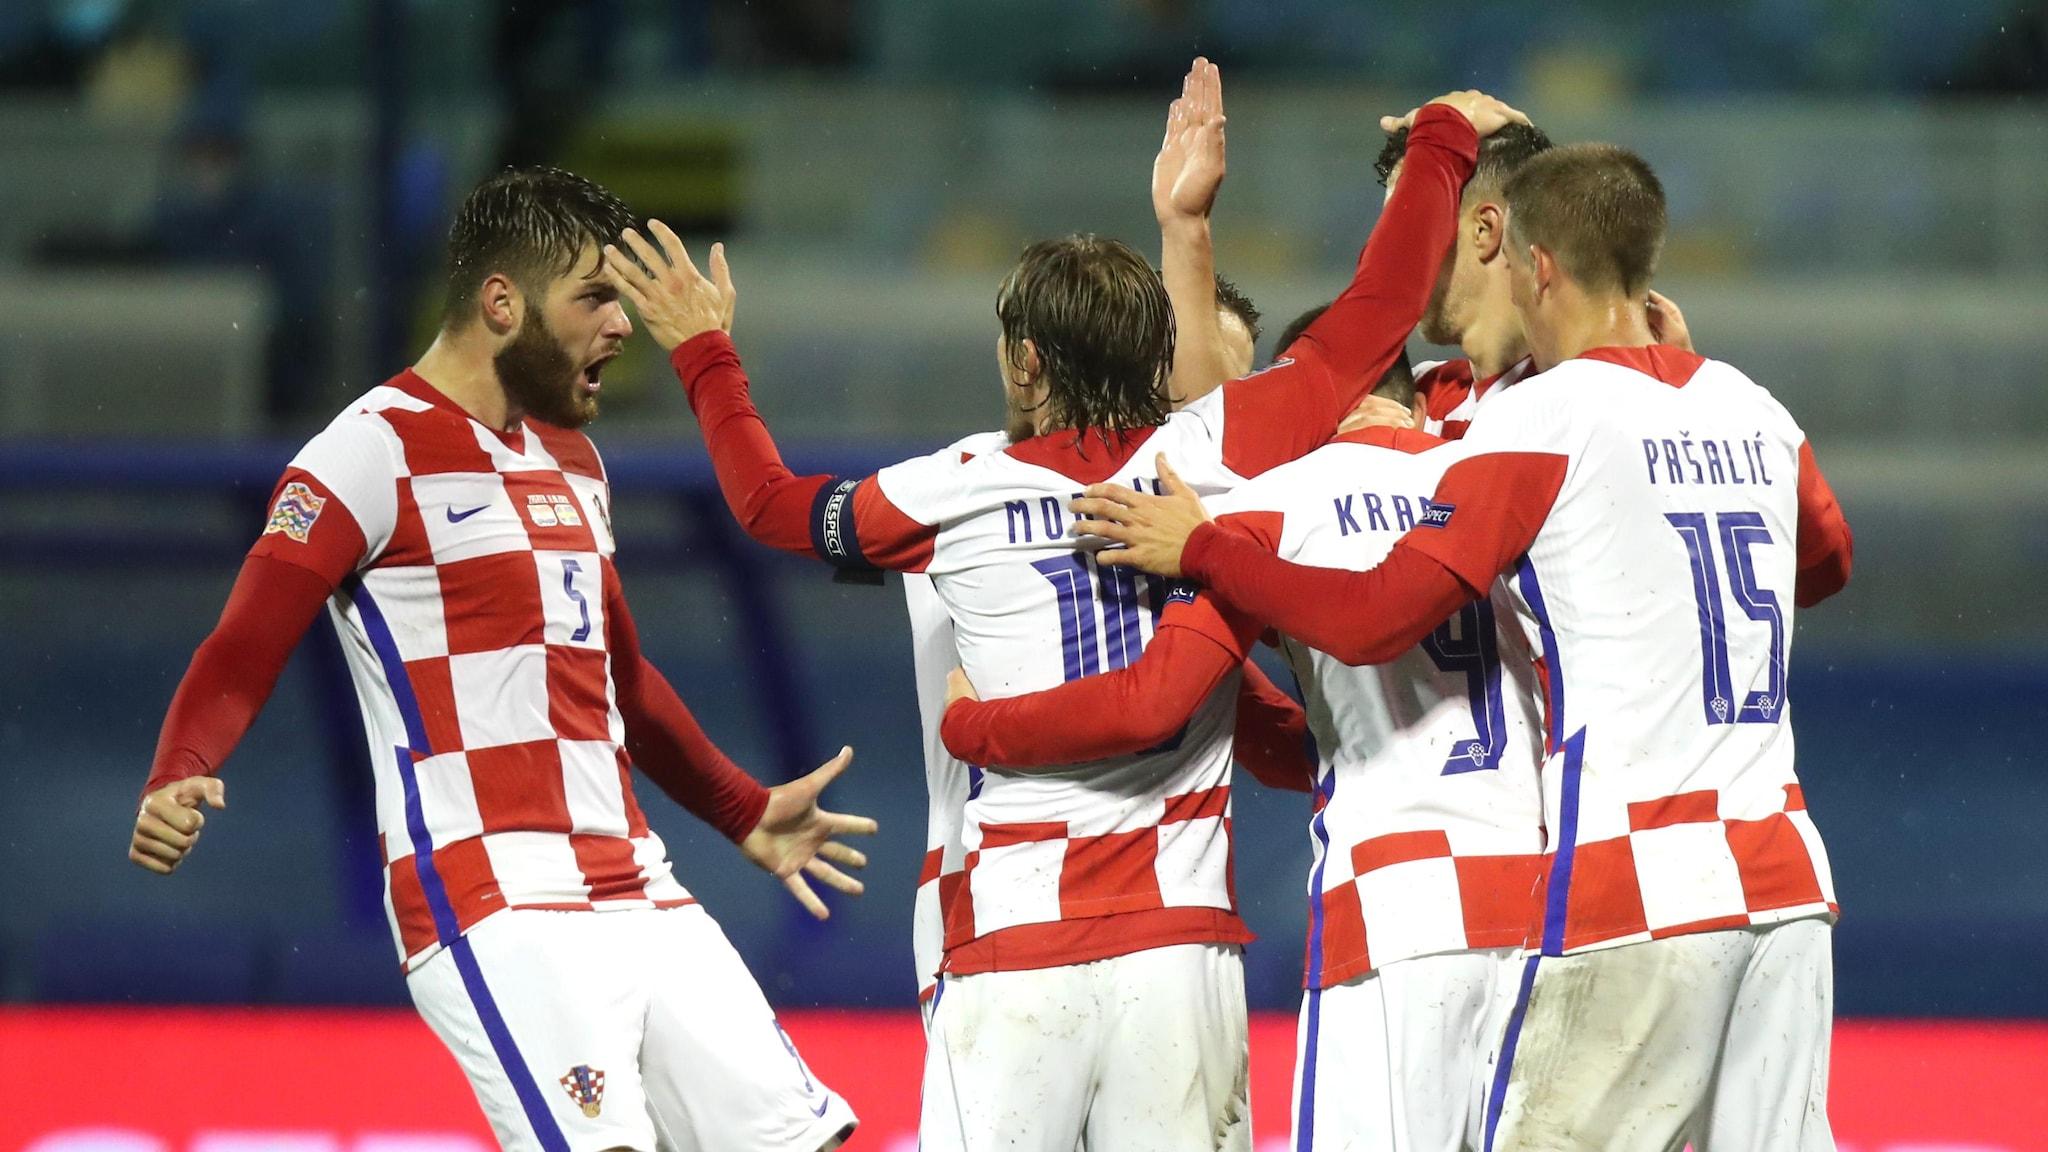 Report: Croatia 2-1 Sweden